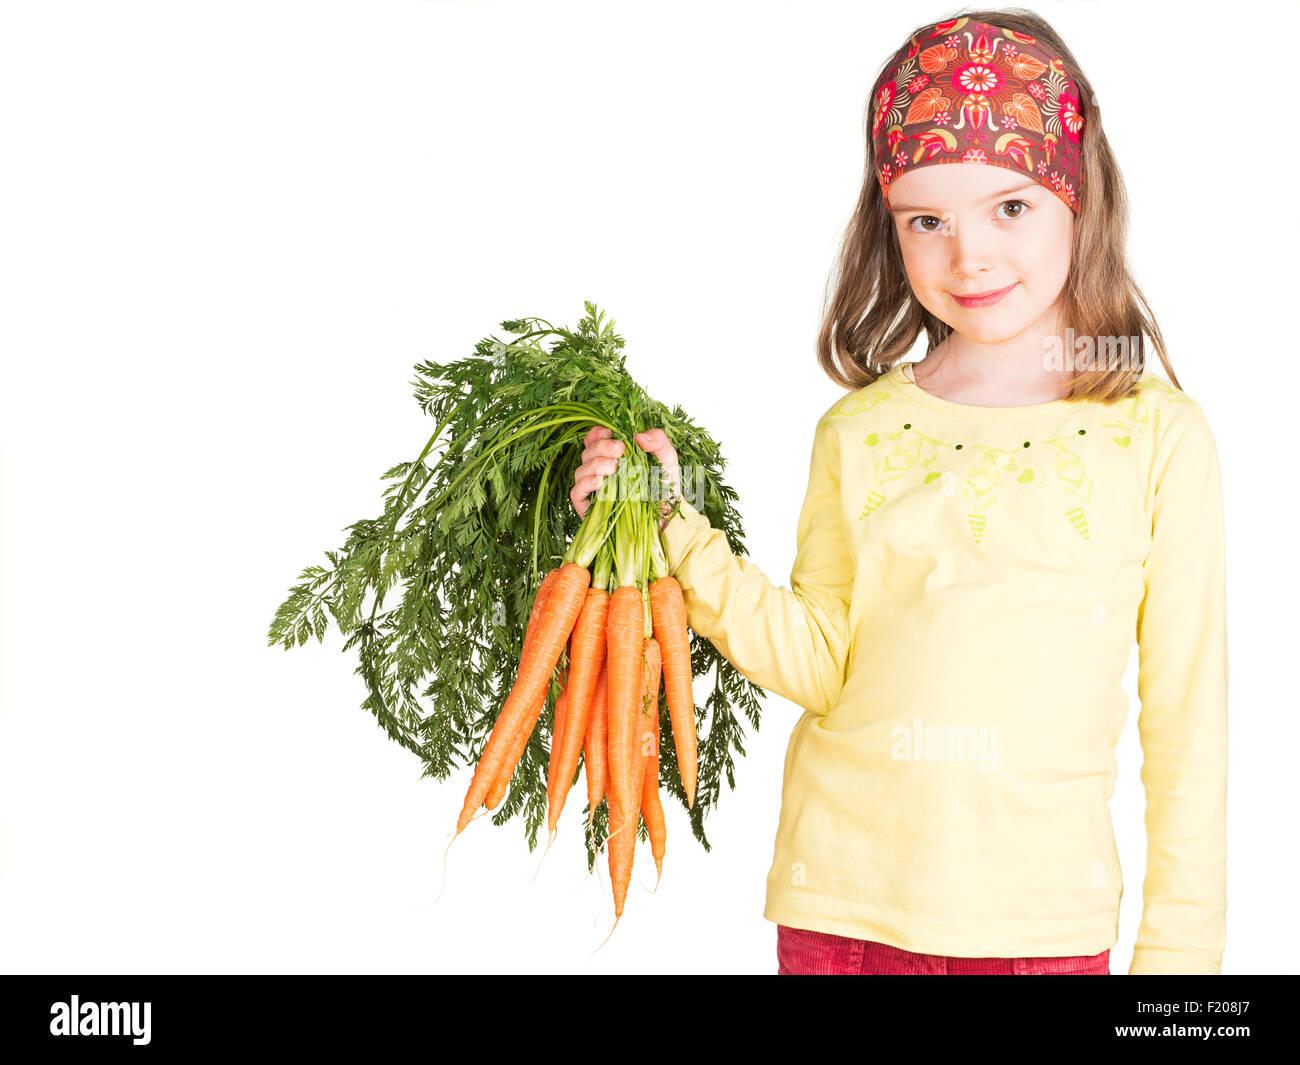 Mädchen hält ein Bund Möhren Stock Photo